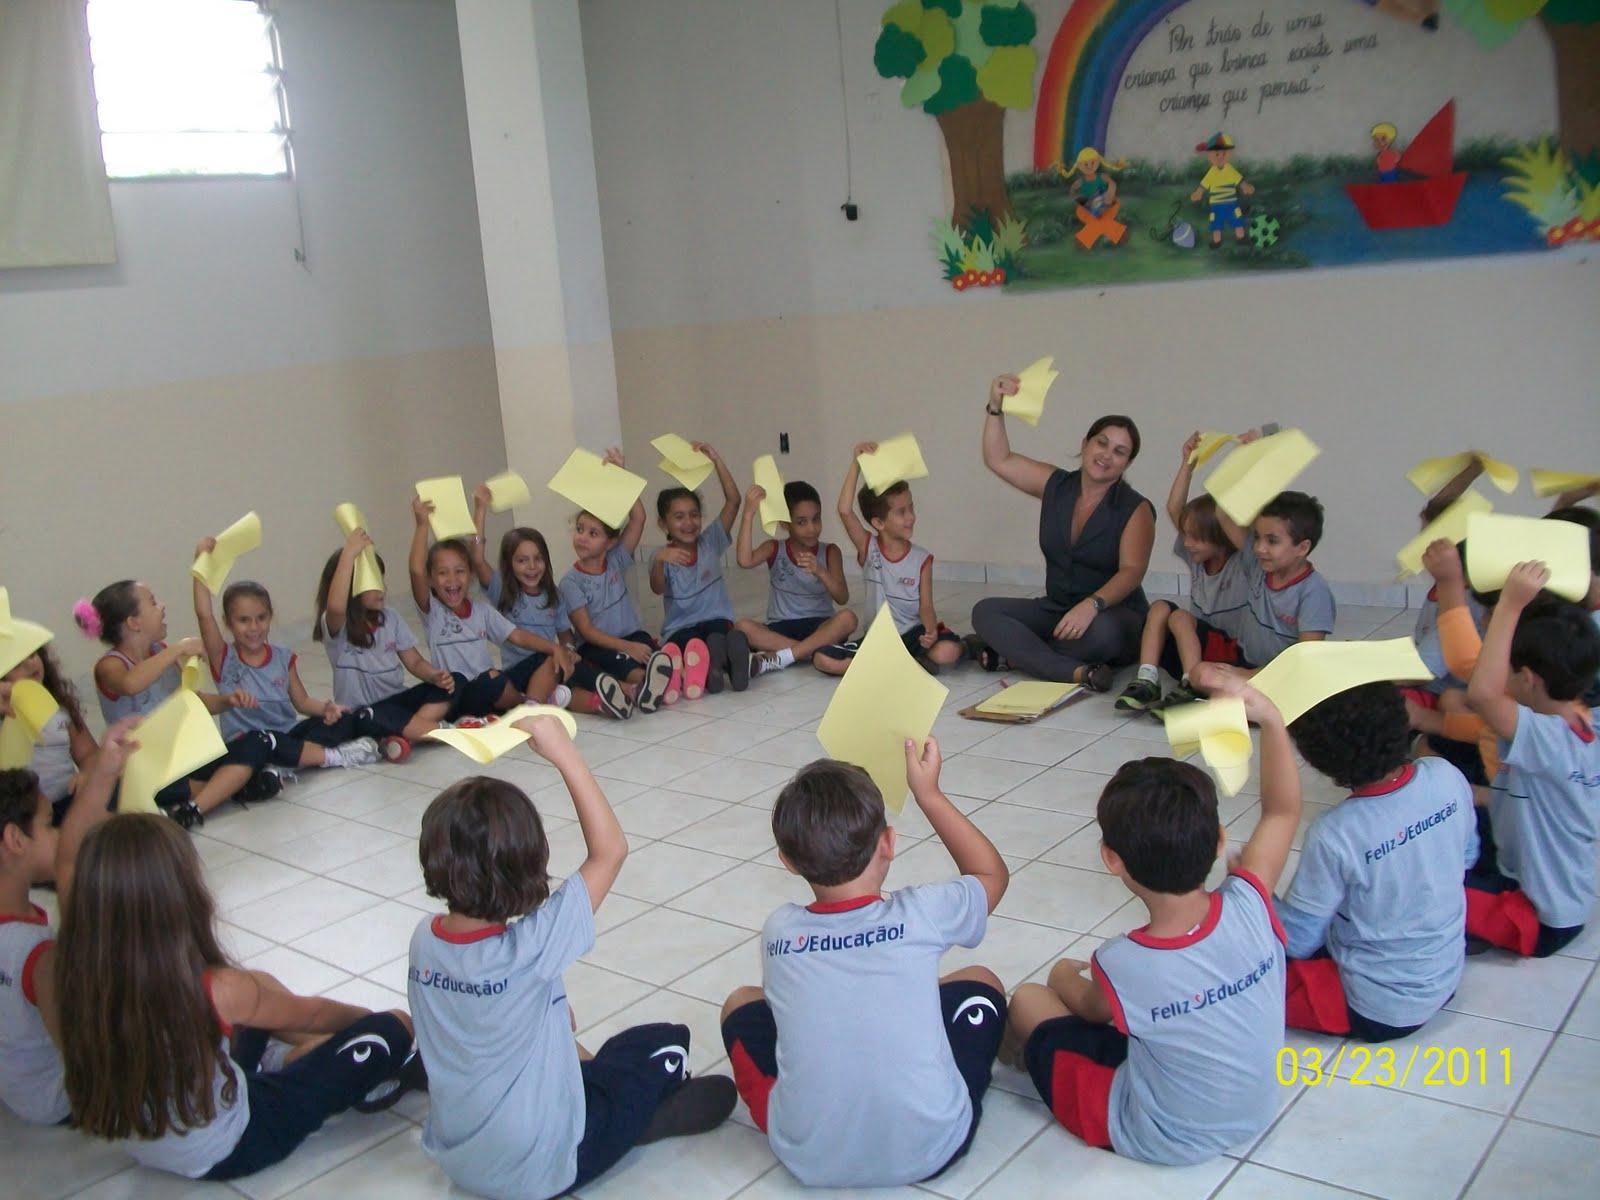 Extremamente trocando idéias pedagógicas: Junho 2011 TE71